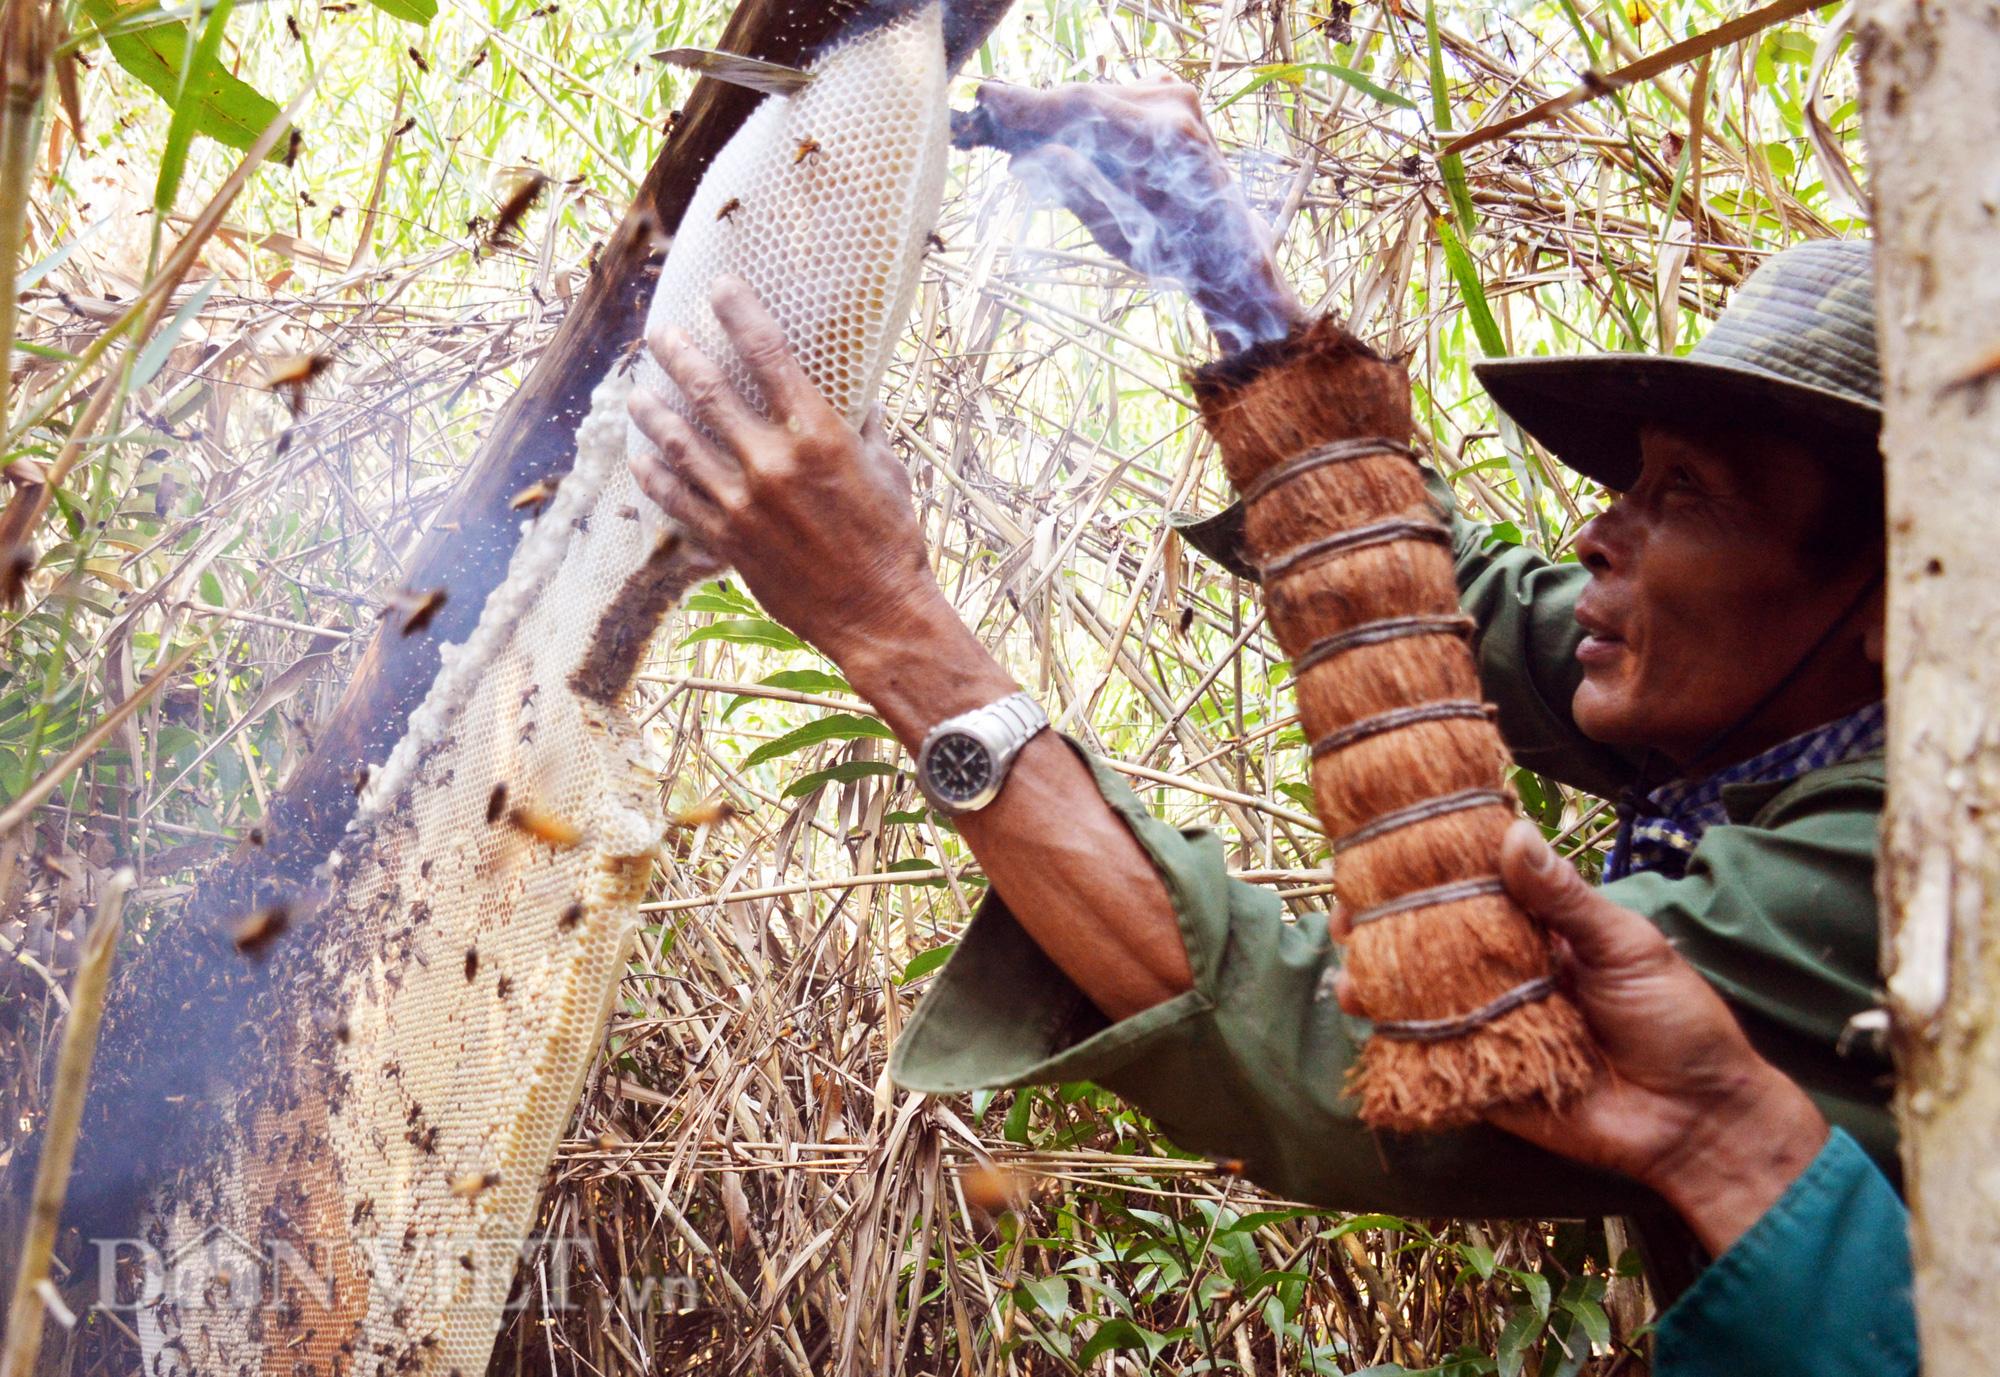 Nghề gác kèo ong được công nhận di sản văn hóa phi vật thể cấp Quốc gia - Ảnh 1.